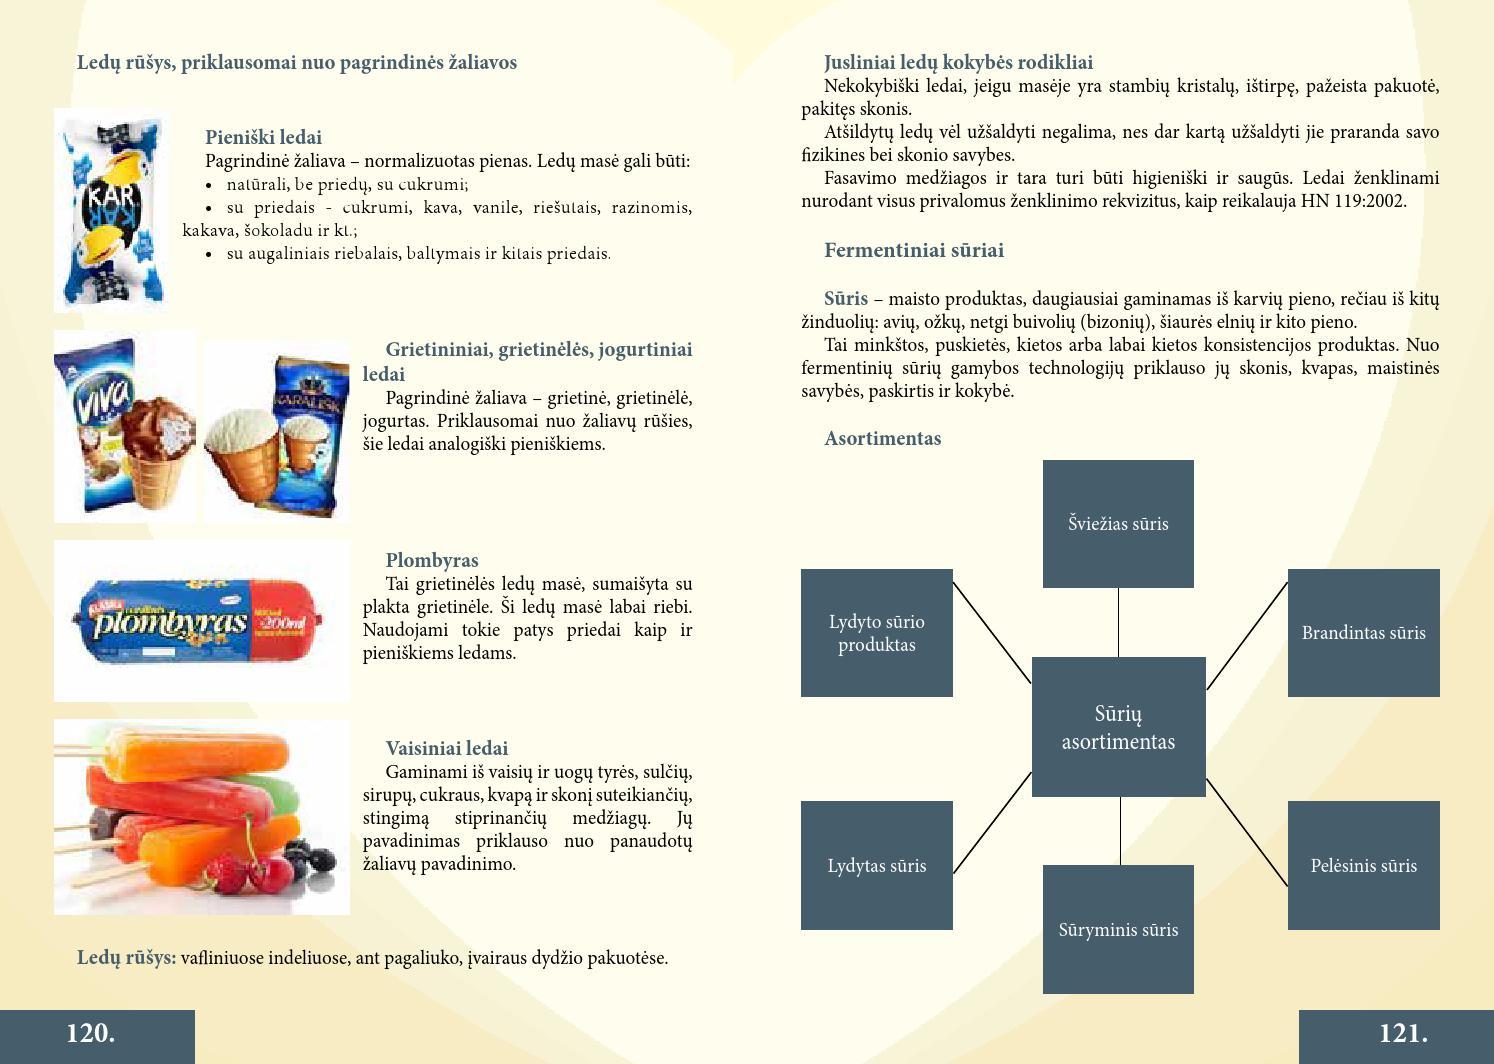 pagrindiniai prekybos žaliavomis rodikliai